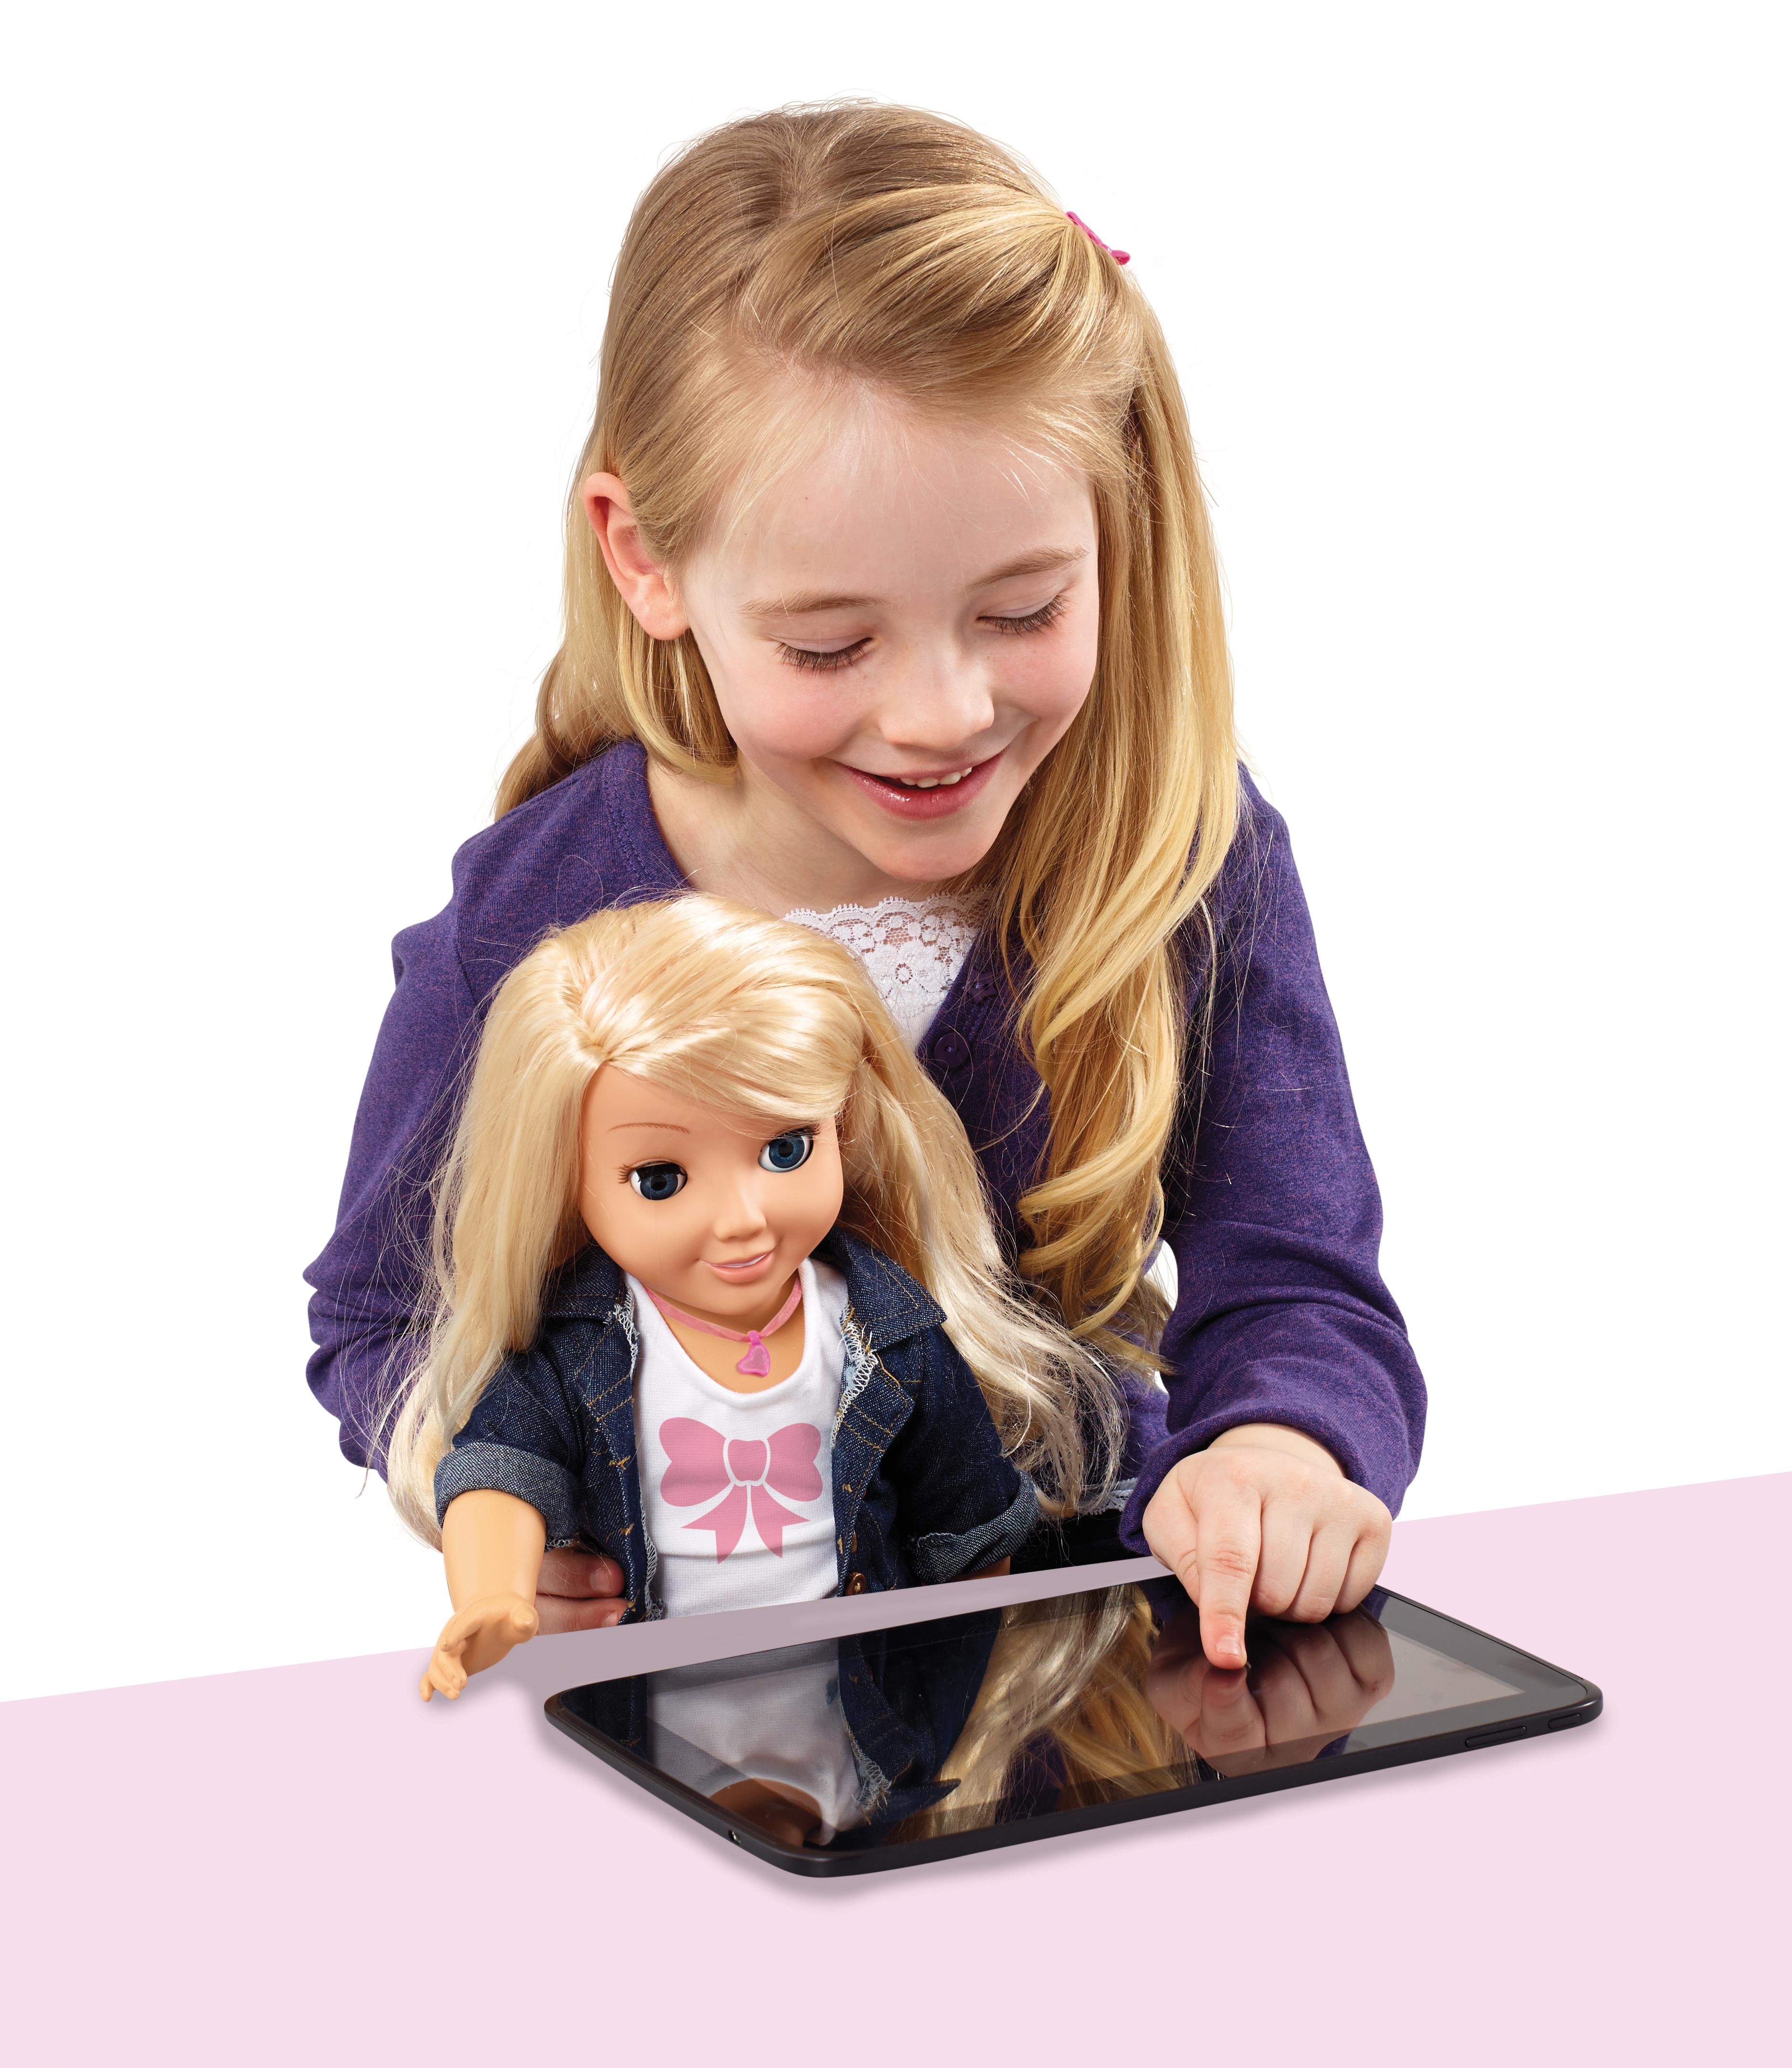 PR-Maßnahmen für die smarte Puppe Cayla